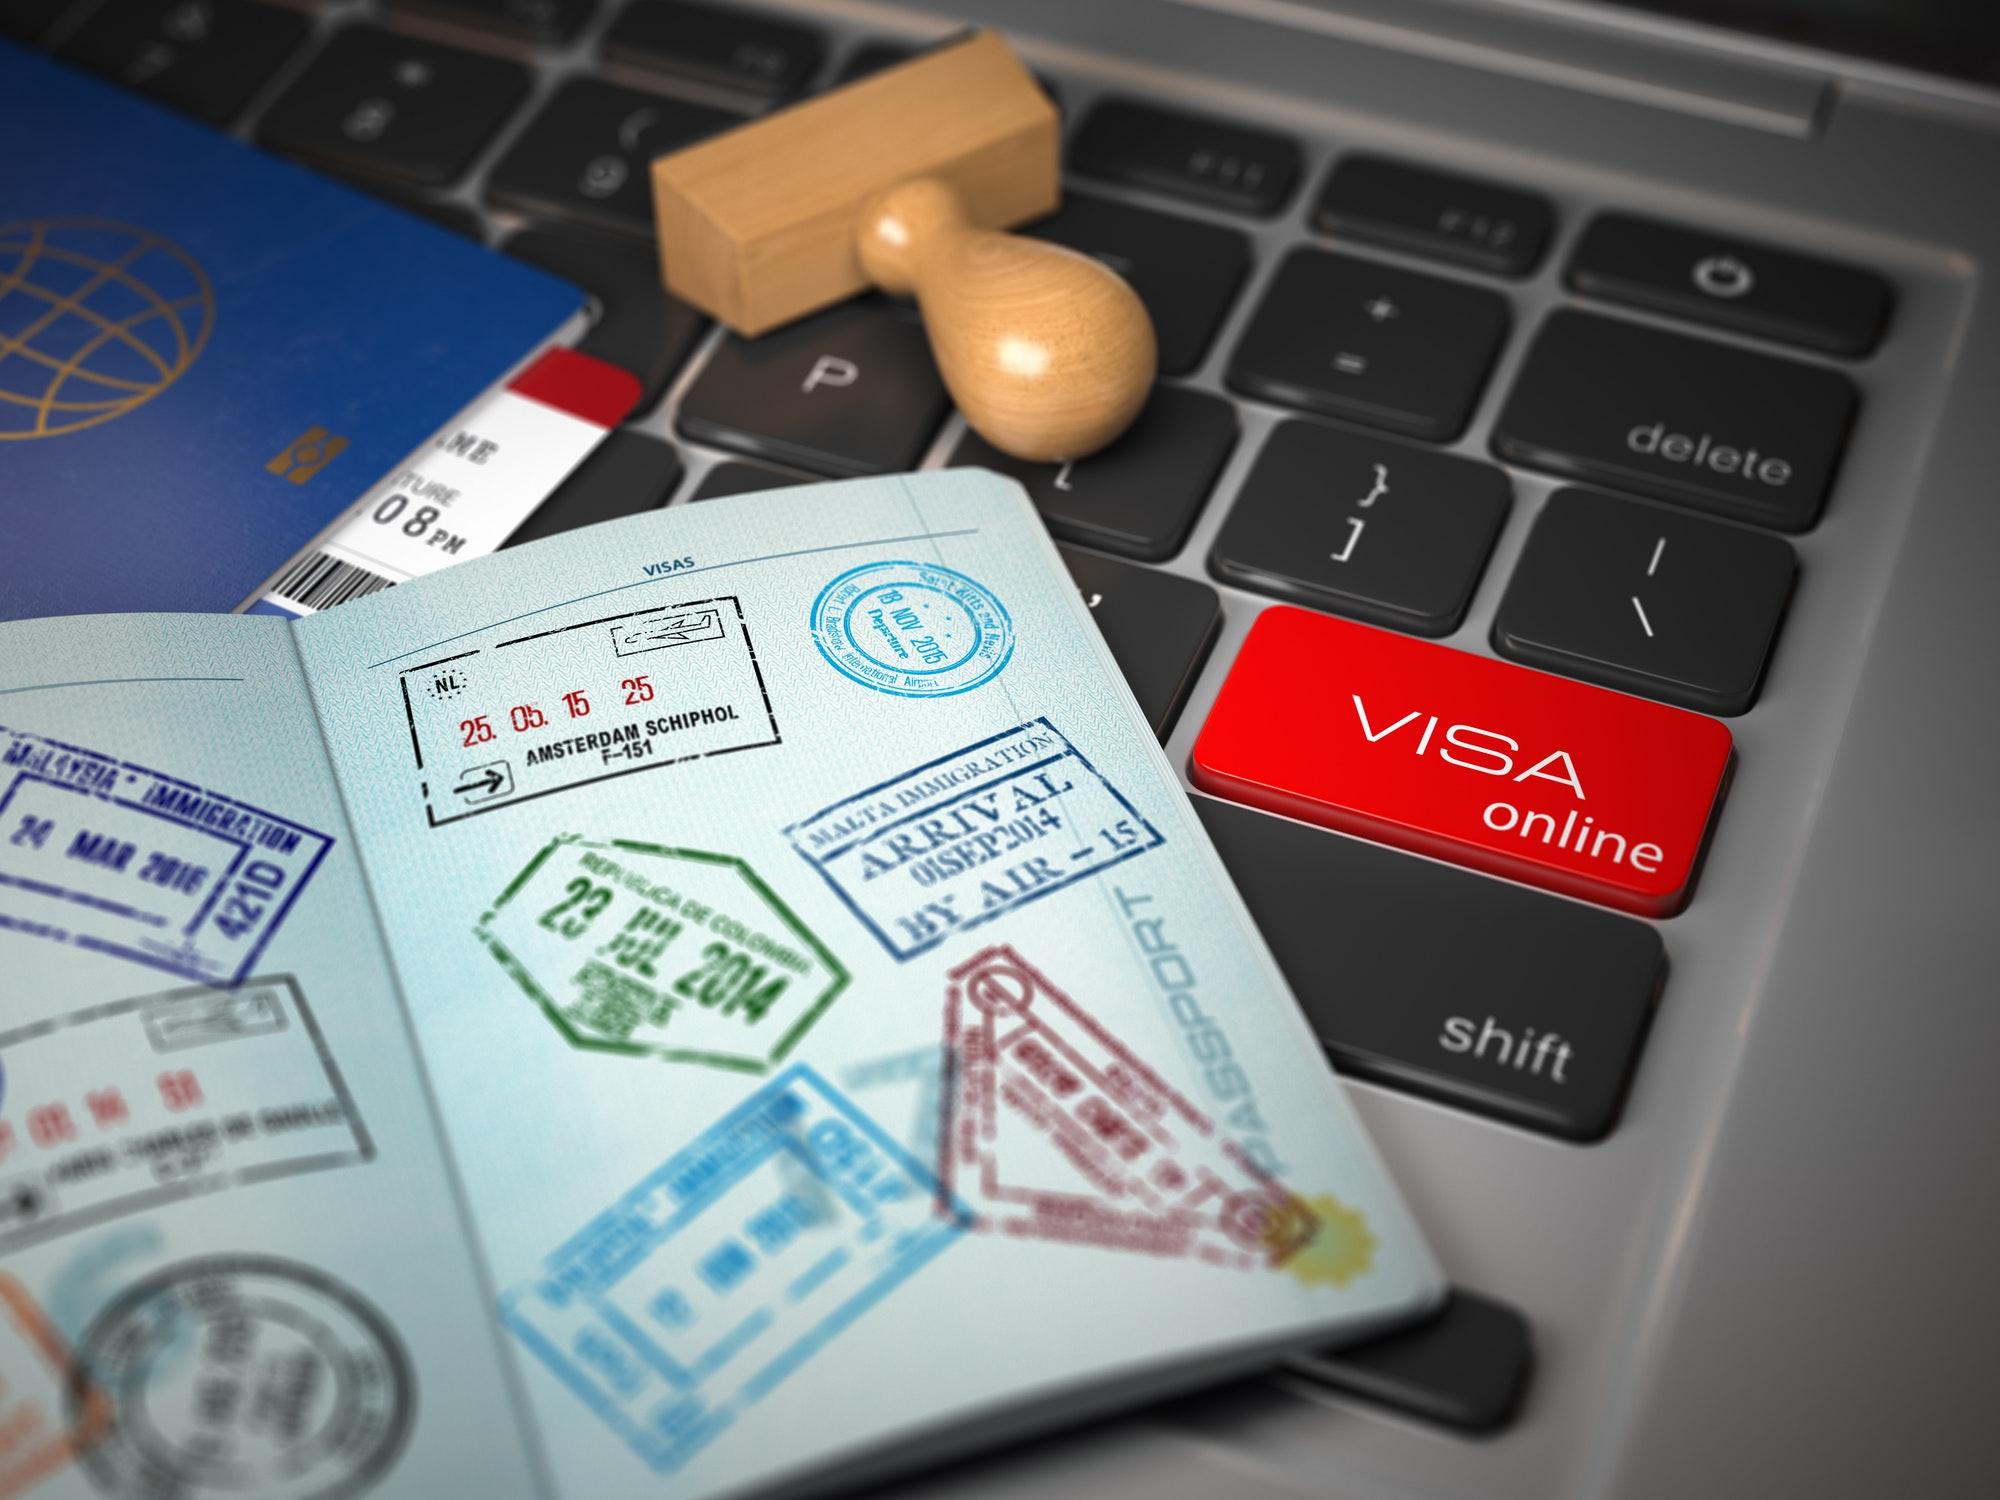 Utviklingsmuligheter For Reiseliv Med E-Visum - Sør